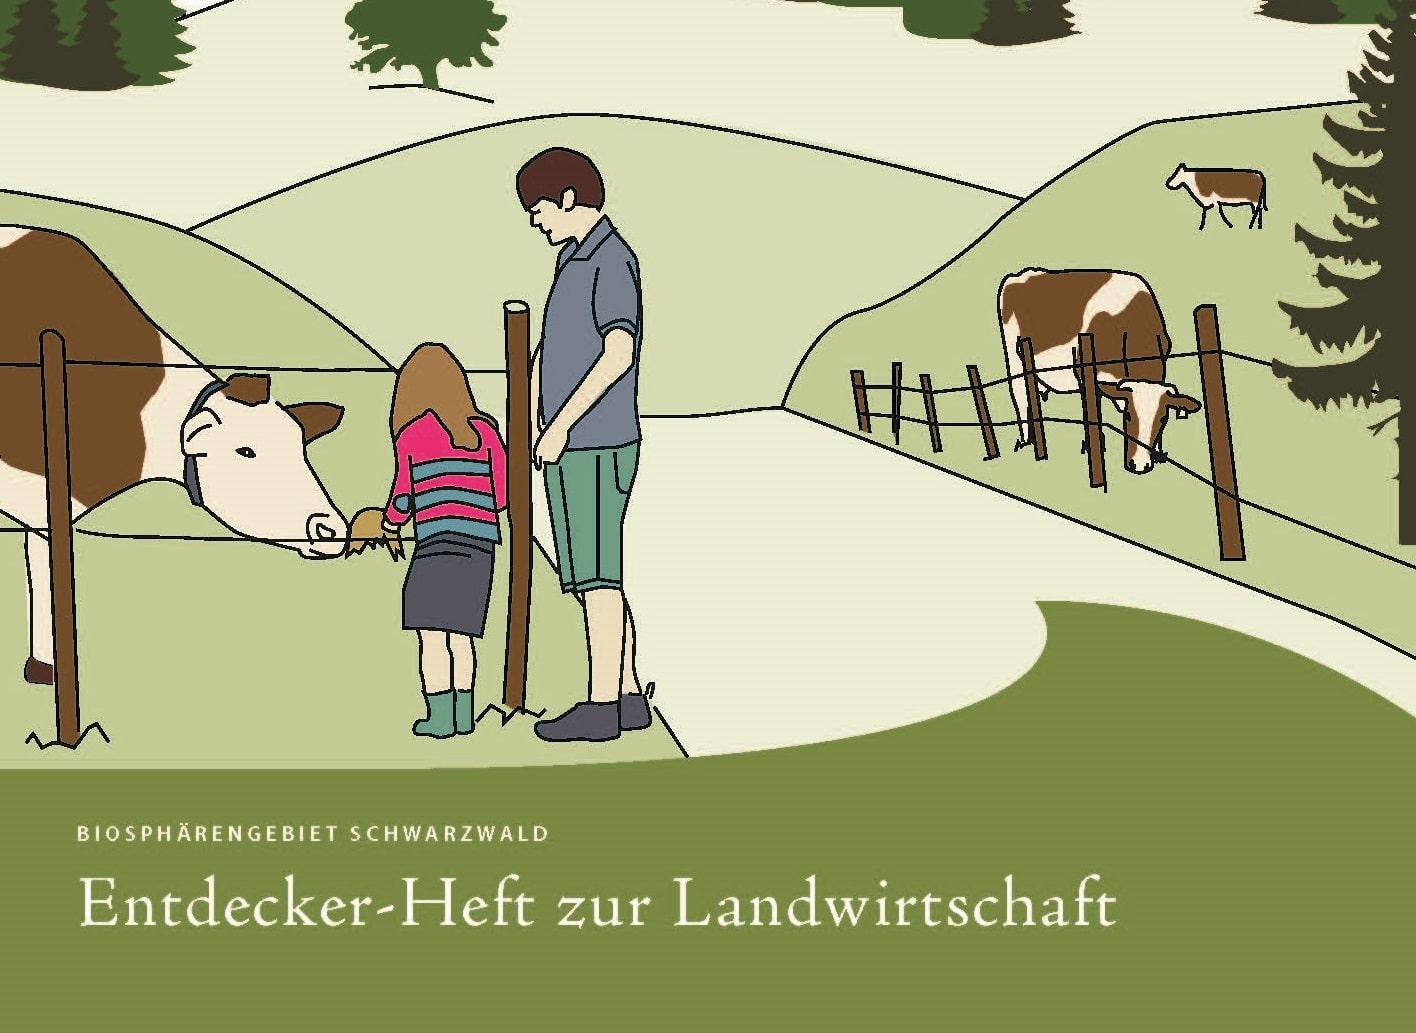 """Mit """"Gumpi"""" die Landwirtschaft im Schwarzwald entdecken: Biosphärengebiet stellt Entdeckerheft für Kinder vor"""